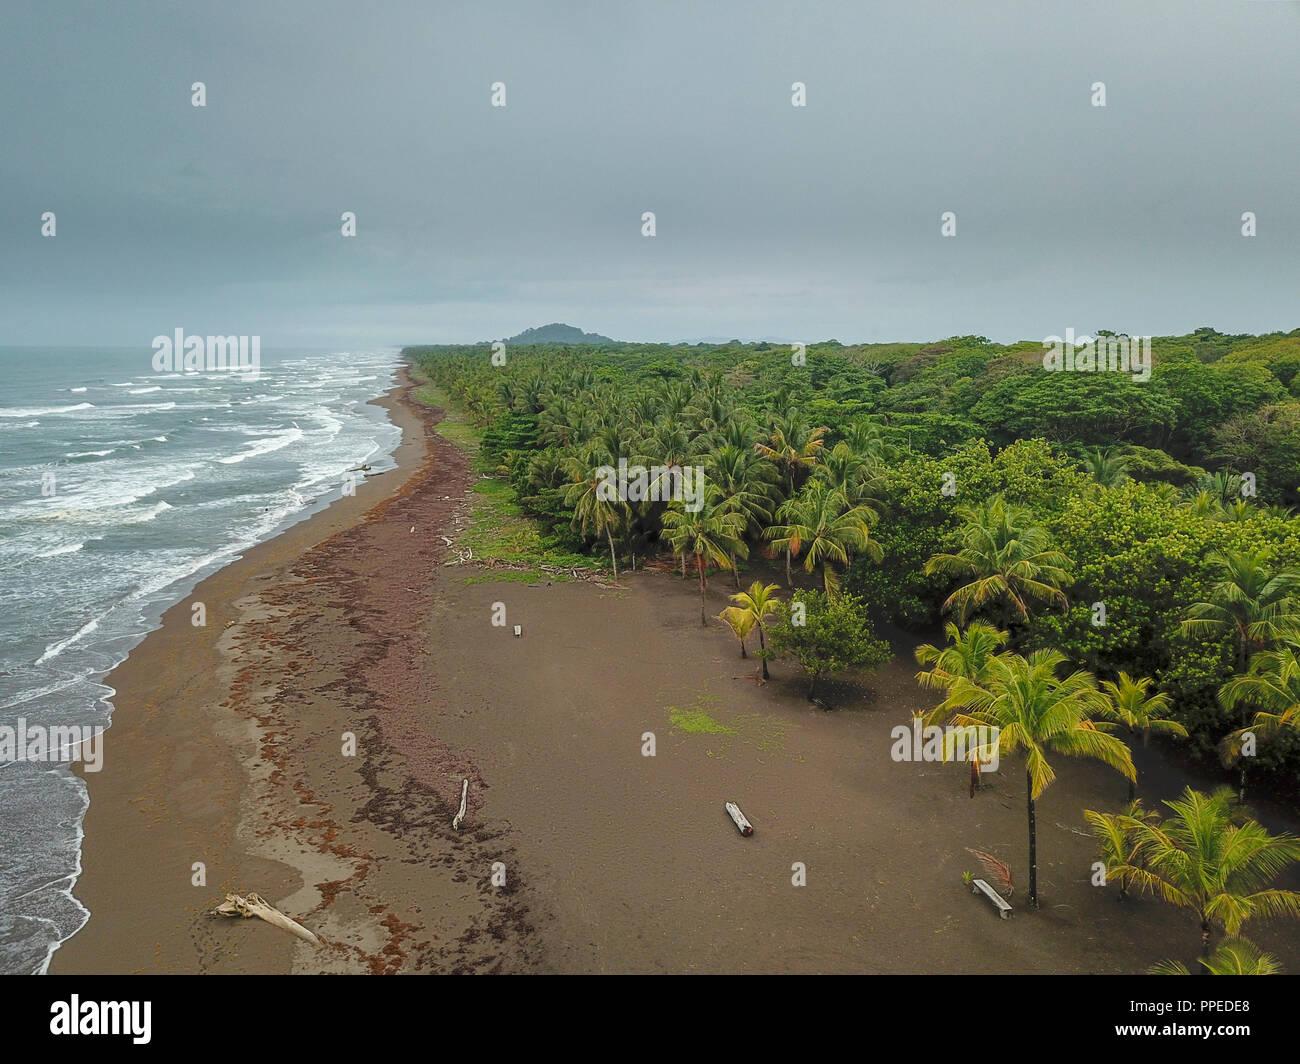 Strand, Nationalpark Tortuguero, Costa Rica Stockbild